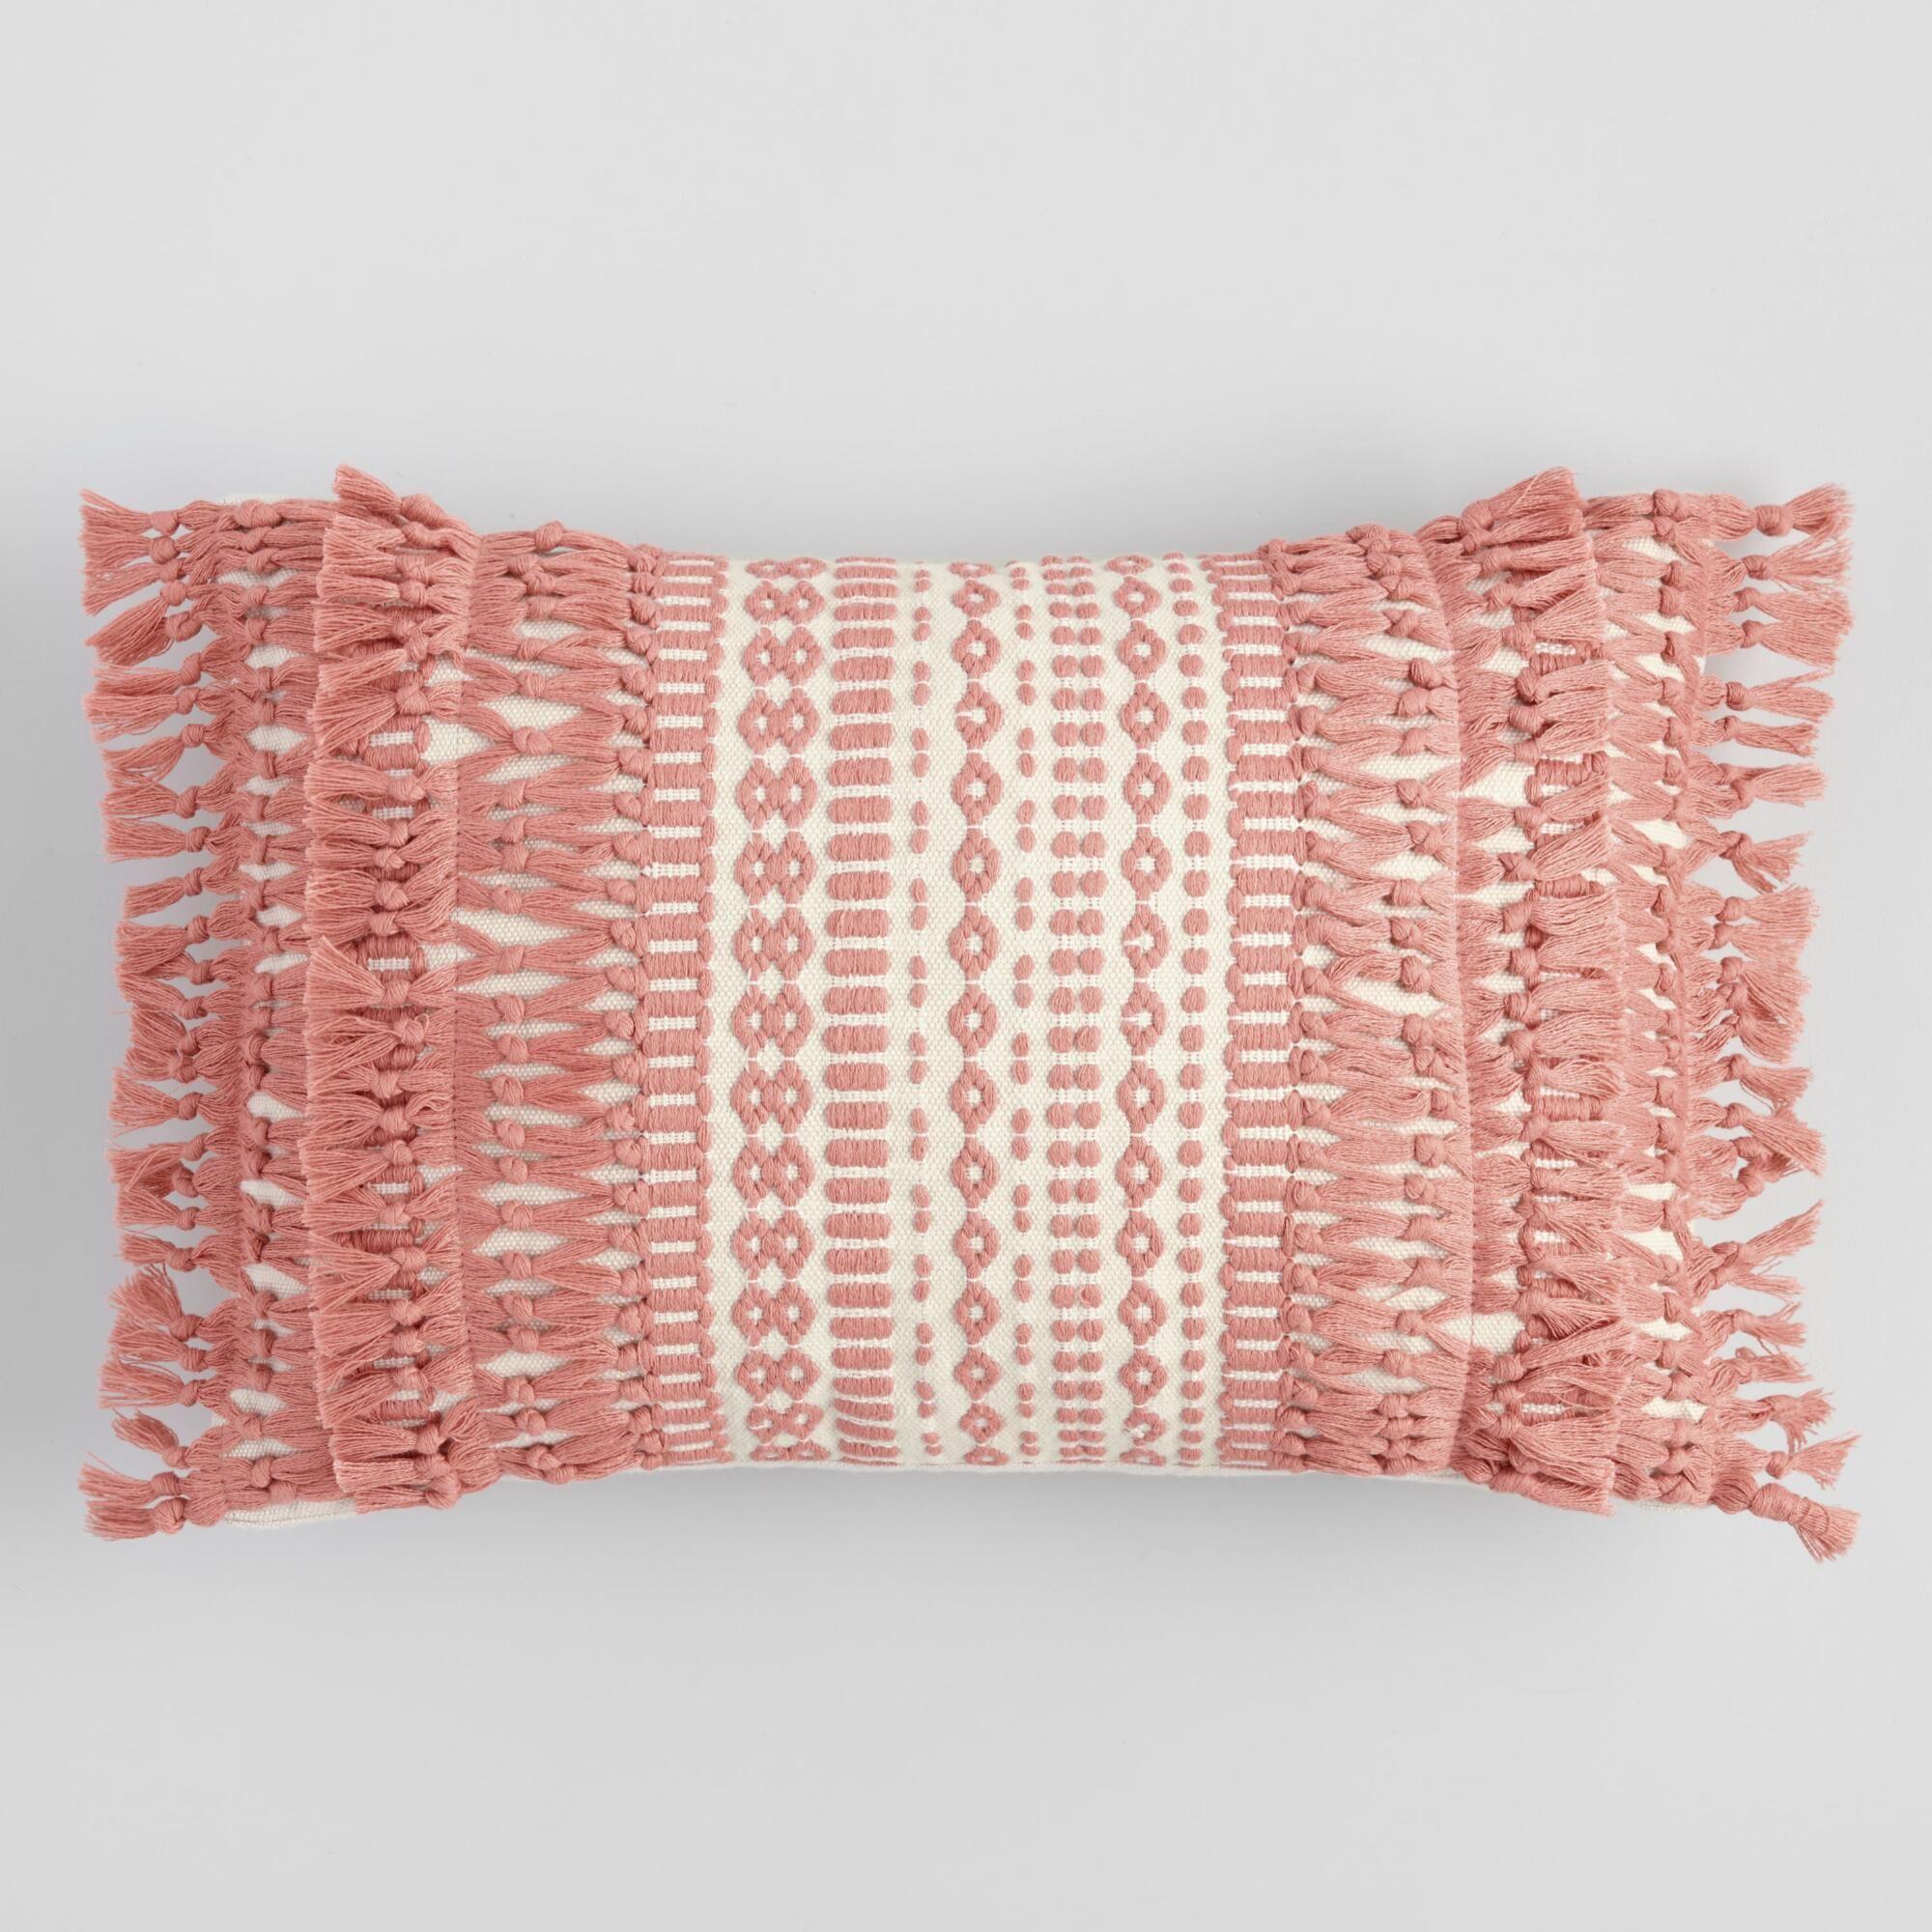 Pink Geo Fringe Indoor Outdoor Patio Lumbar Pillow By World Market